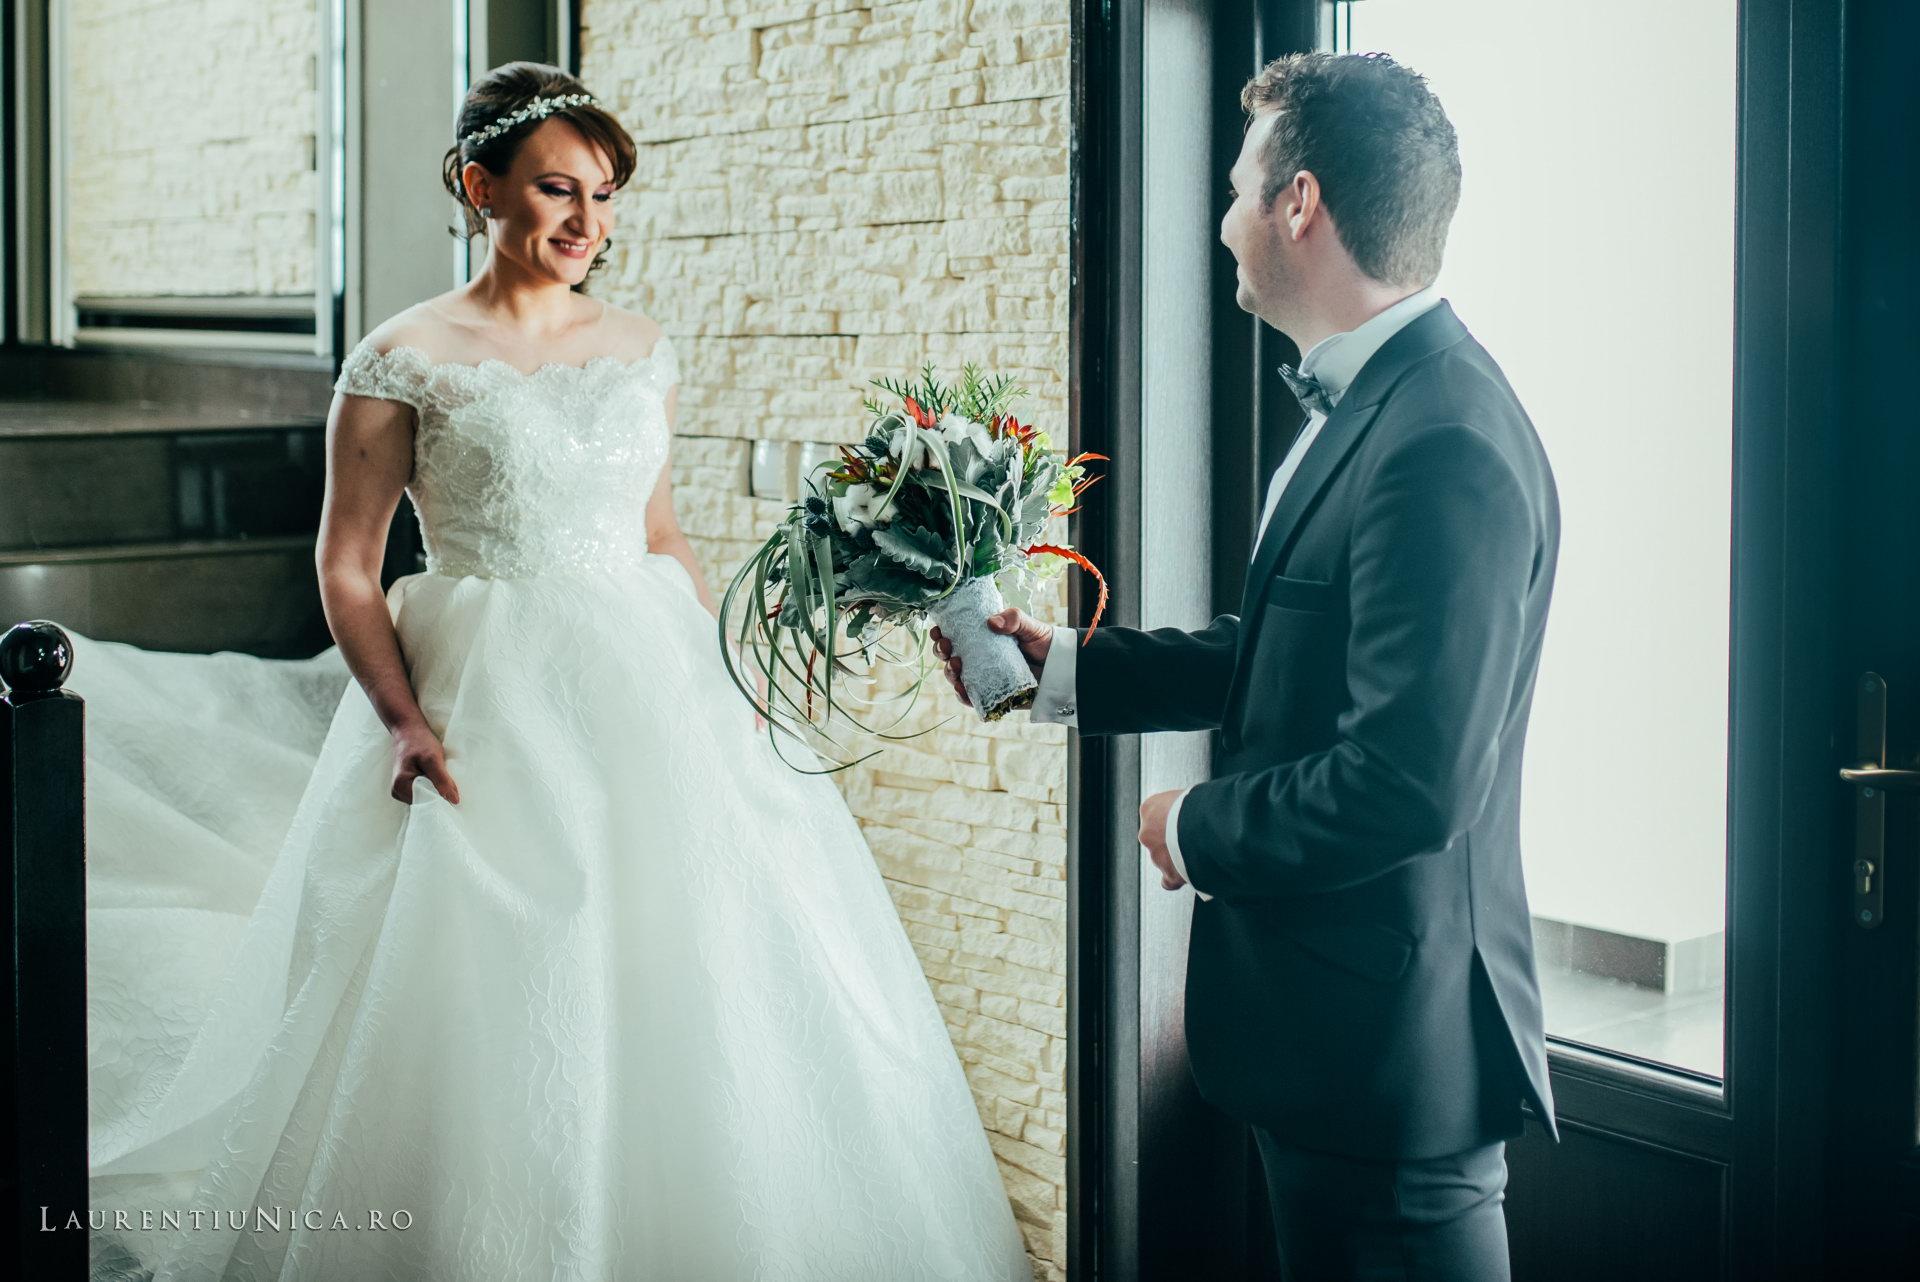 daniela si marius fotografii nunta craiova laurentiu nica11 - Daniela & Marius | Fotografii nunta